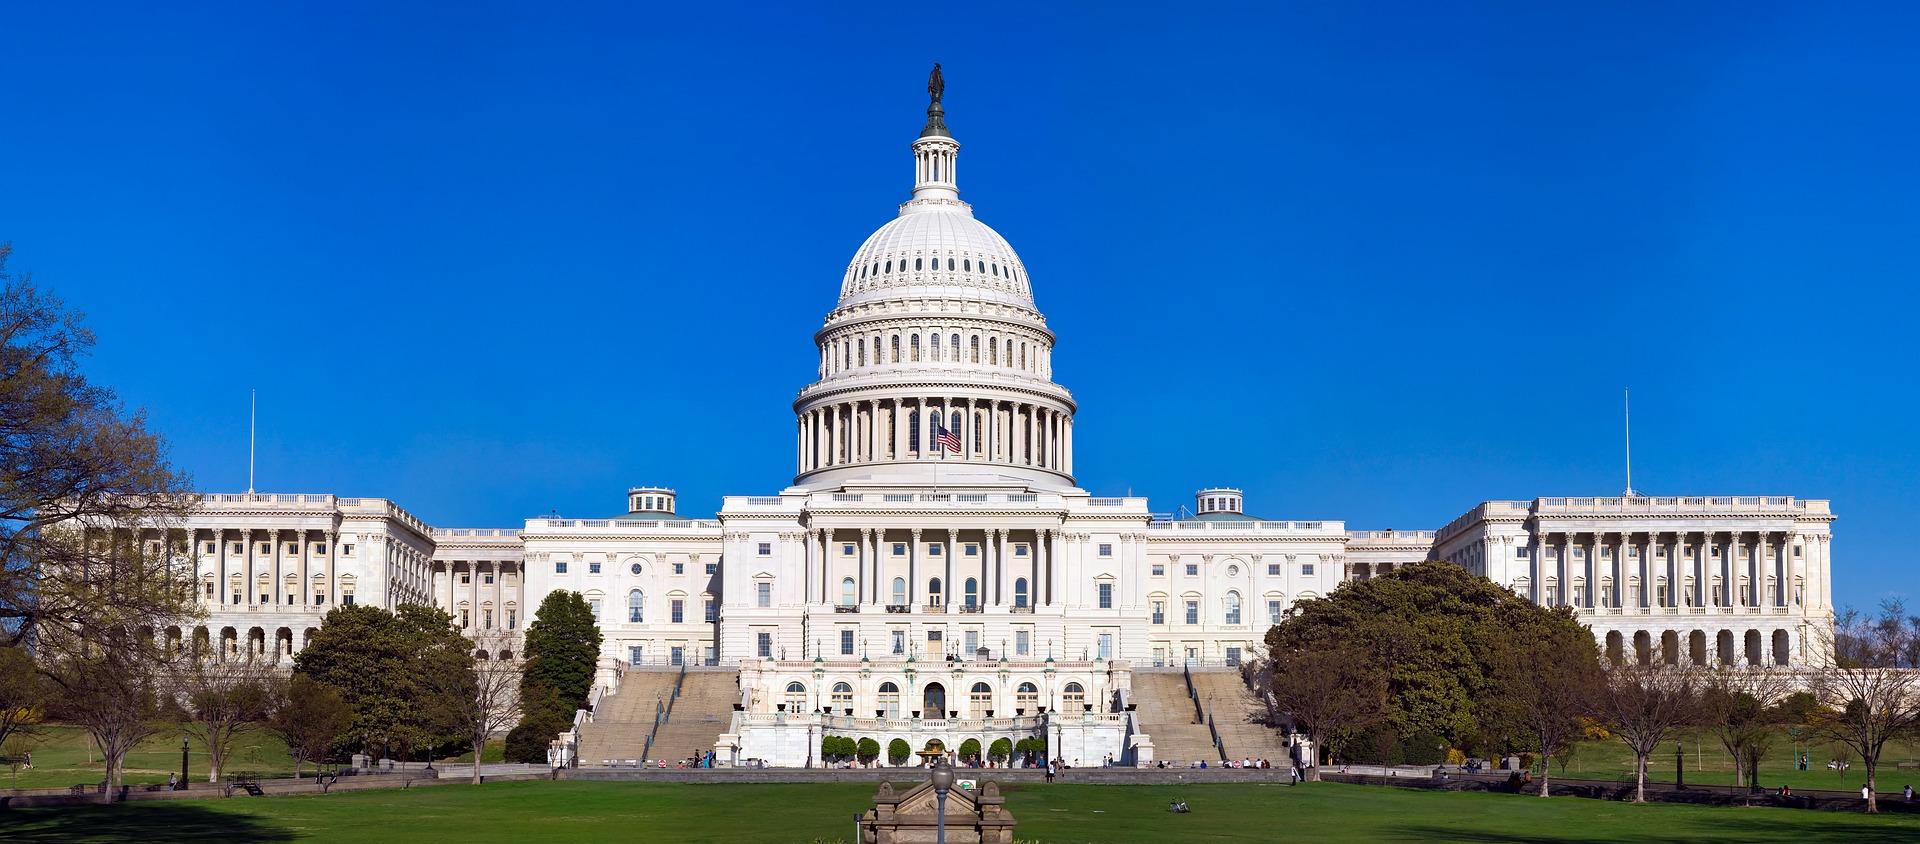 В США запущен счетчик до момента объявления дефолта